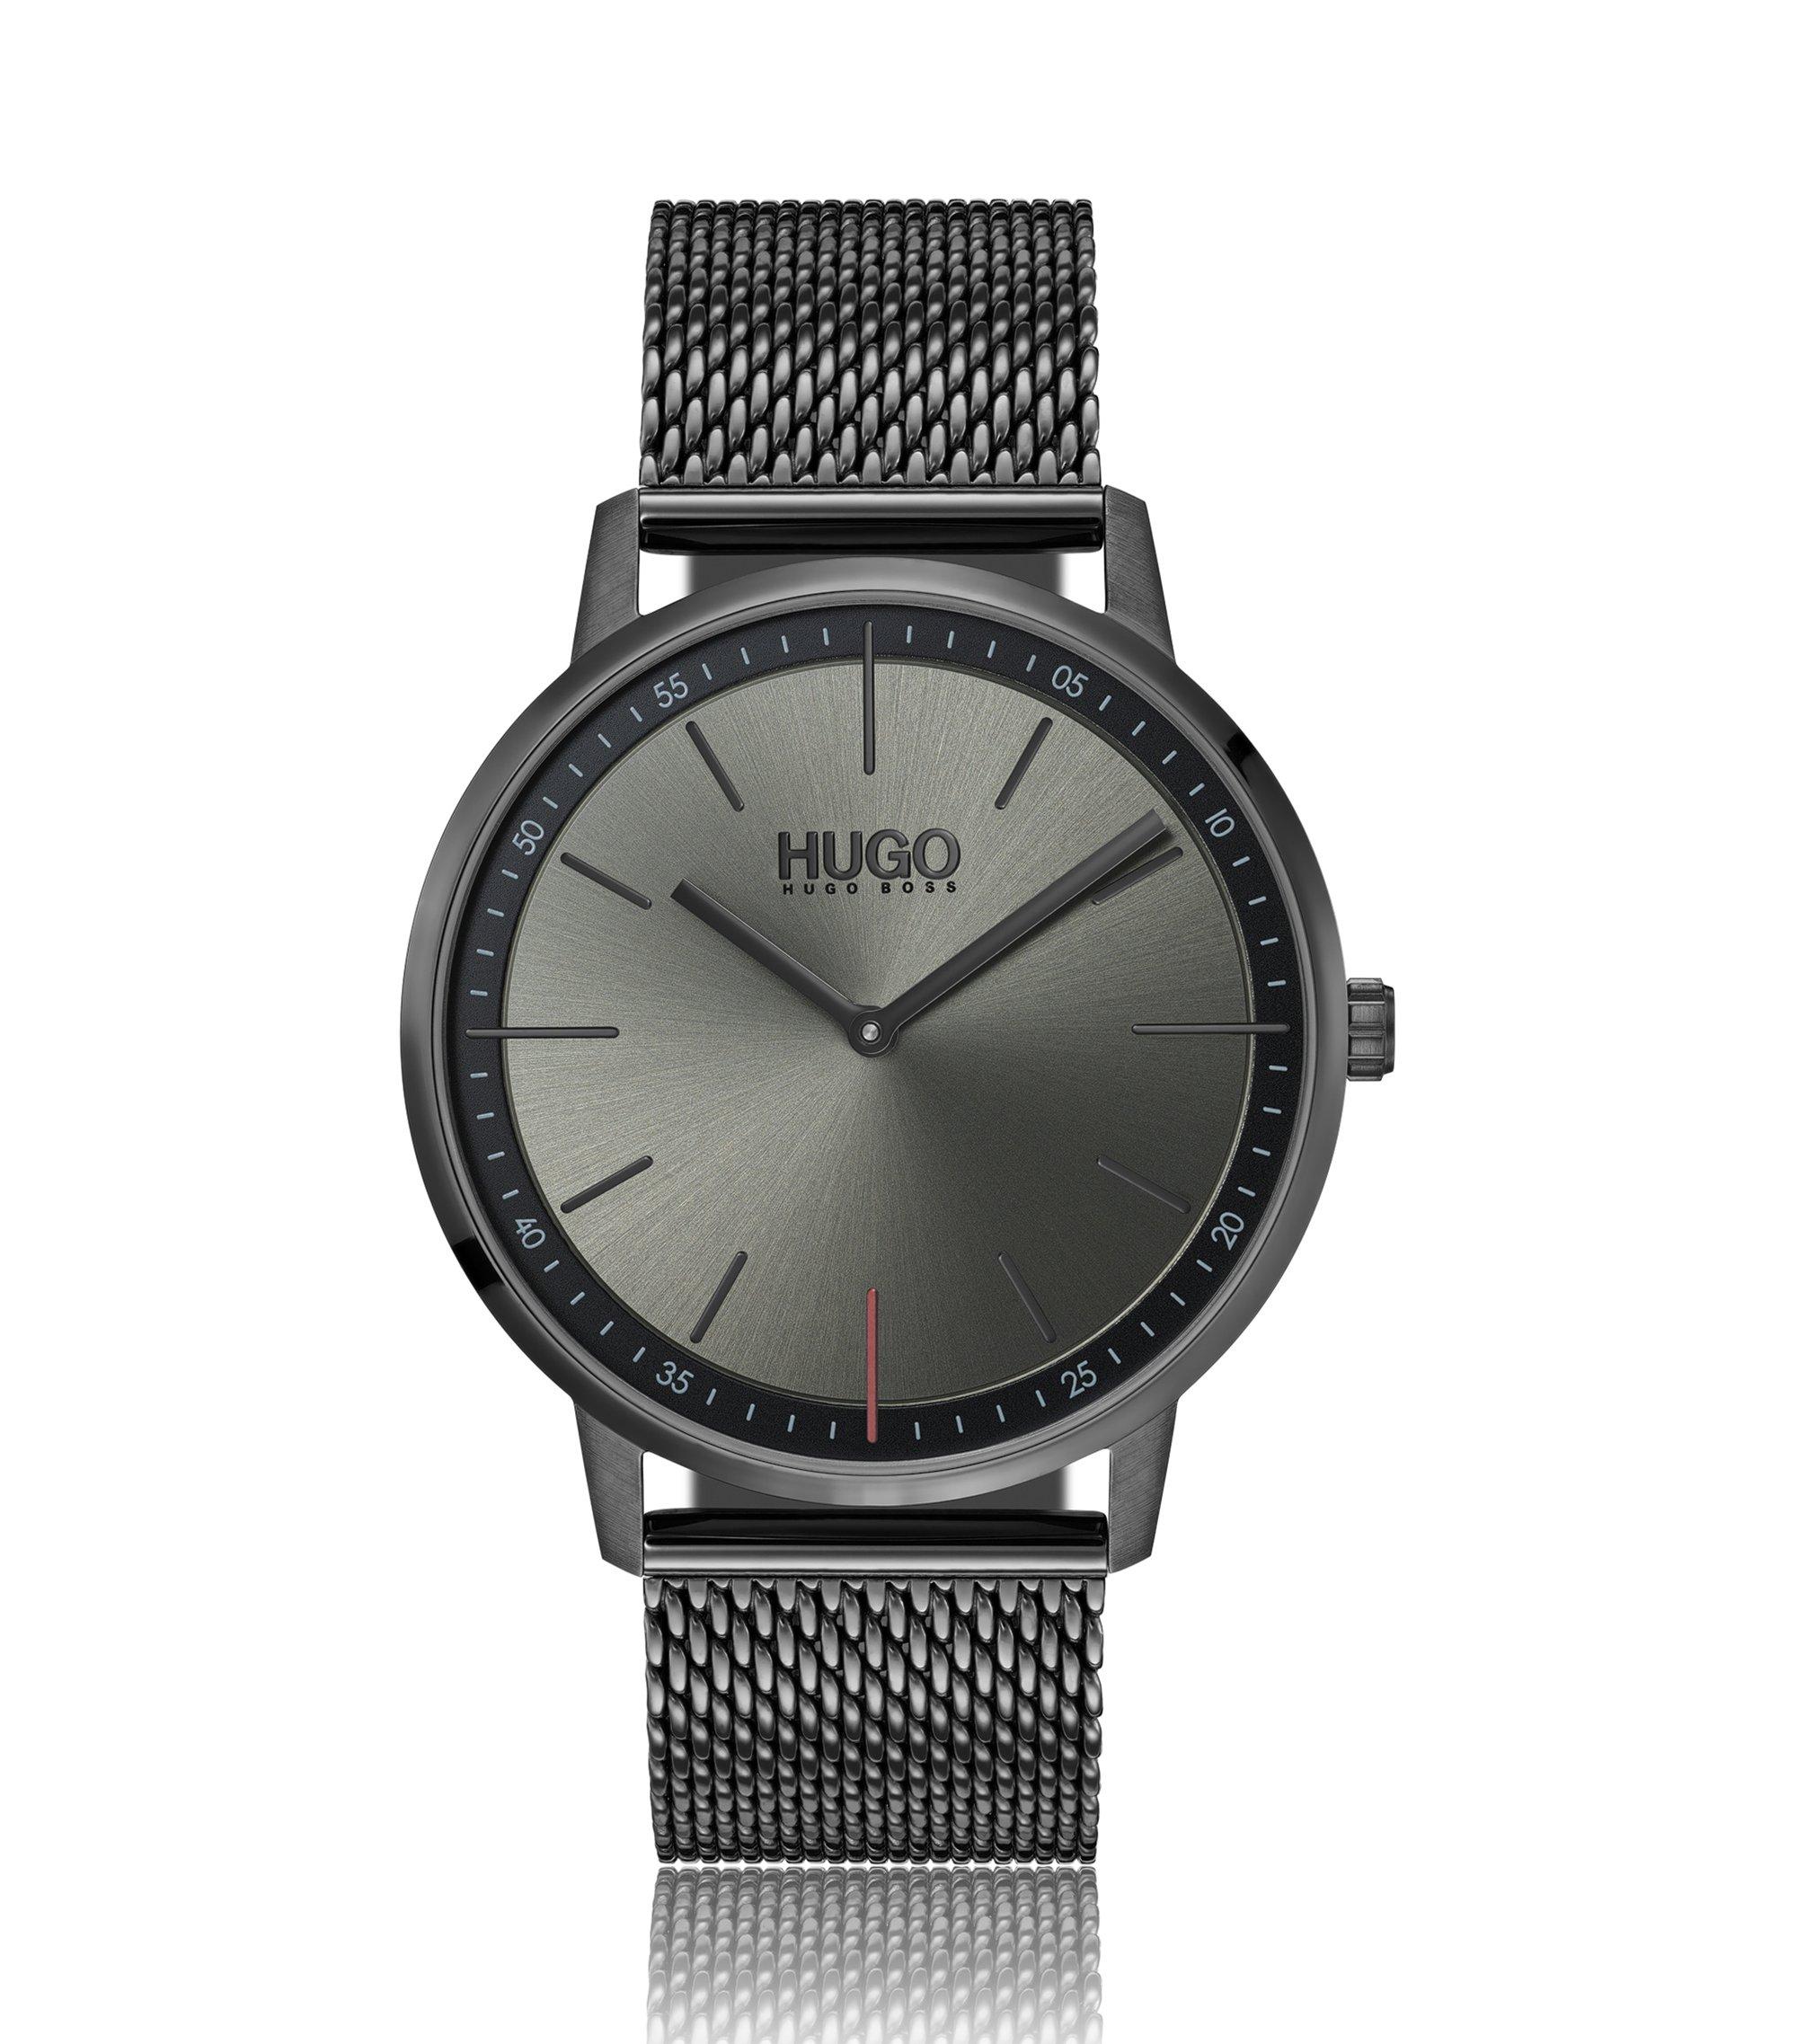 Grau beschichtete Unisex-Uhr aus Edelstahl mit Mesh-Armband, Silber